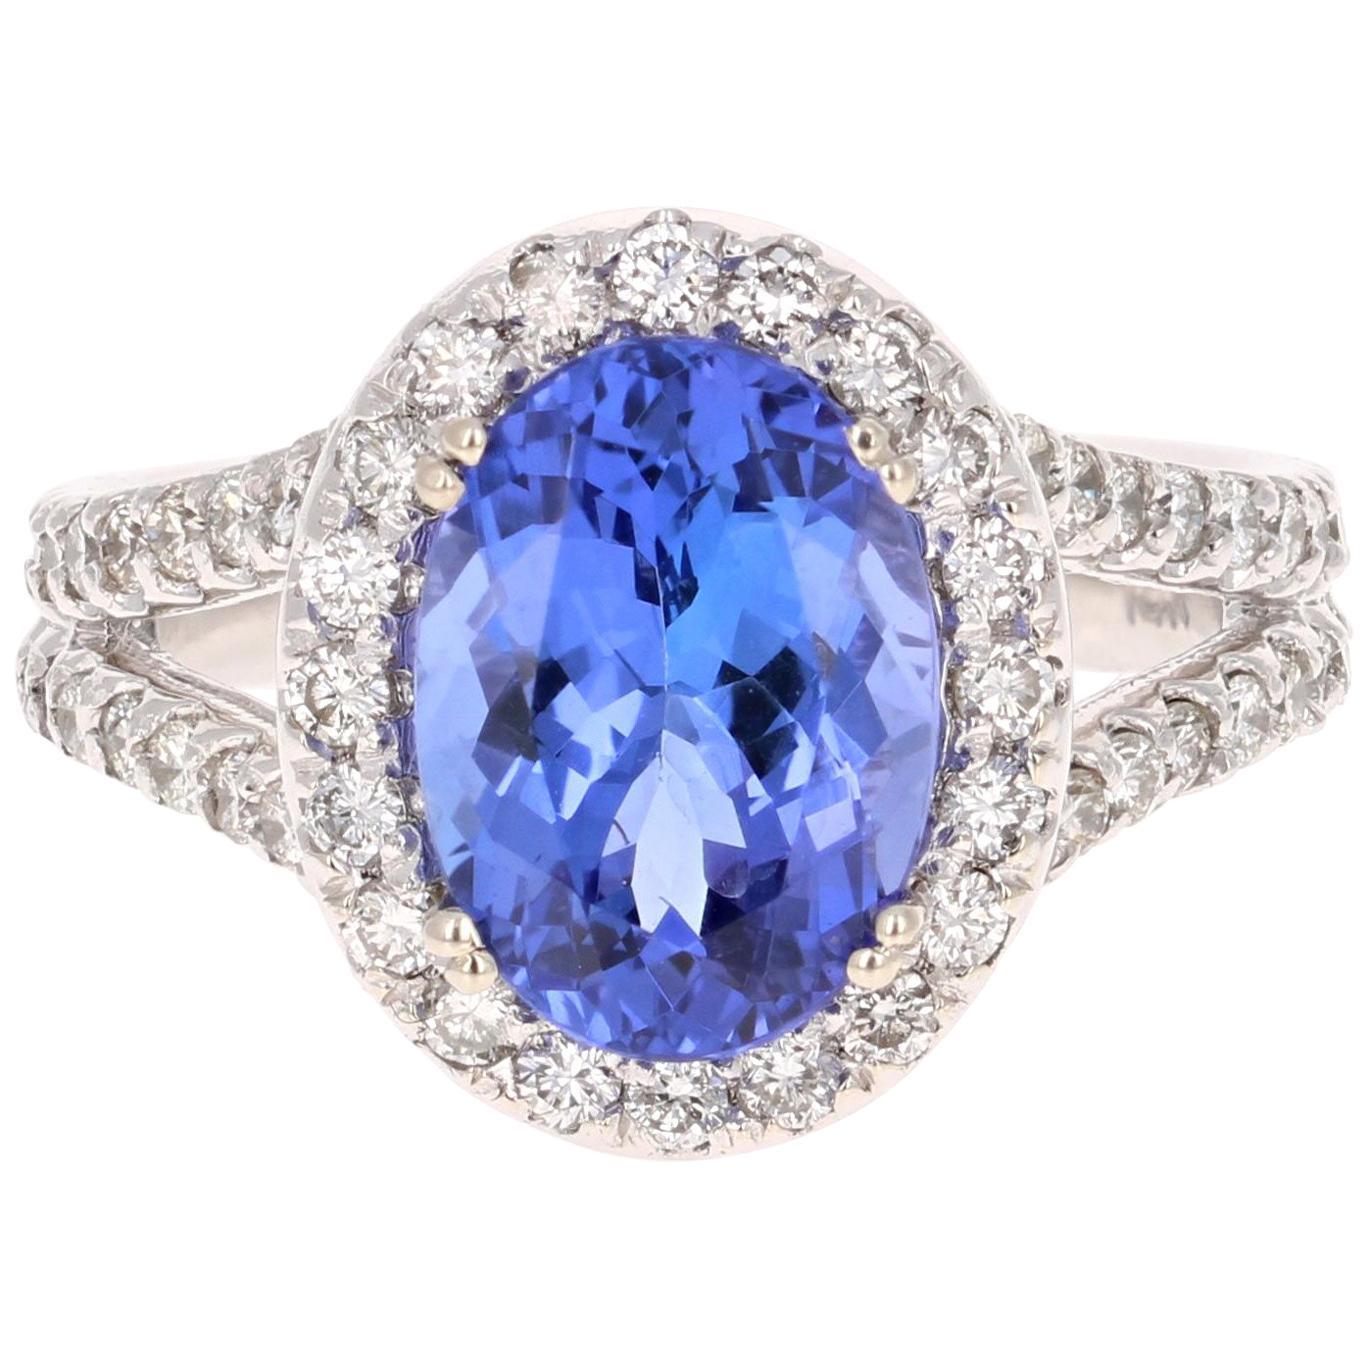 4.13 Carat Tanzanite Diamond 14 Karat White Gold Ring